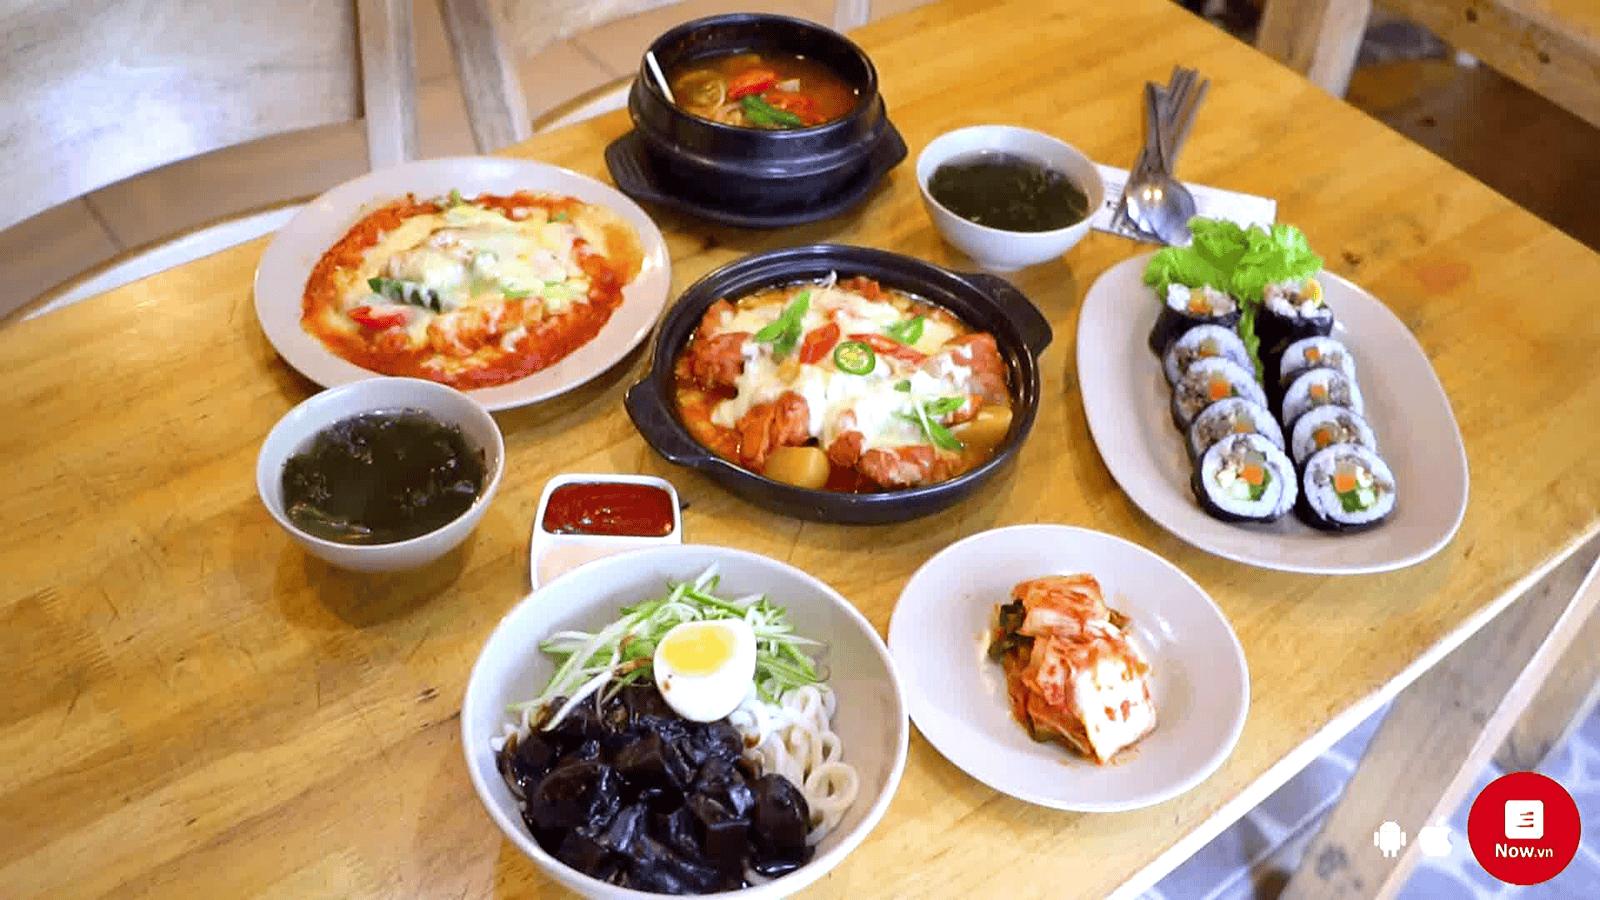 Quán phục vụ rất nhiều món đồ Hàn hấp dẫn khác